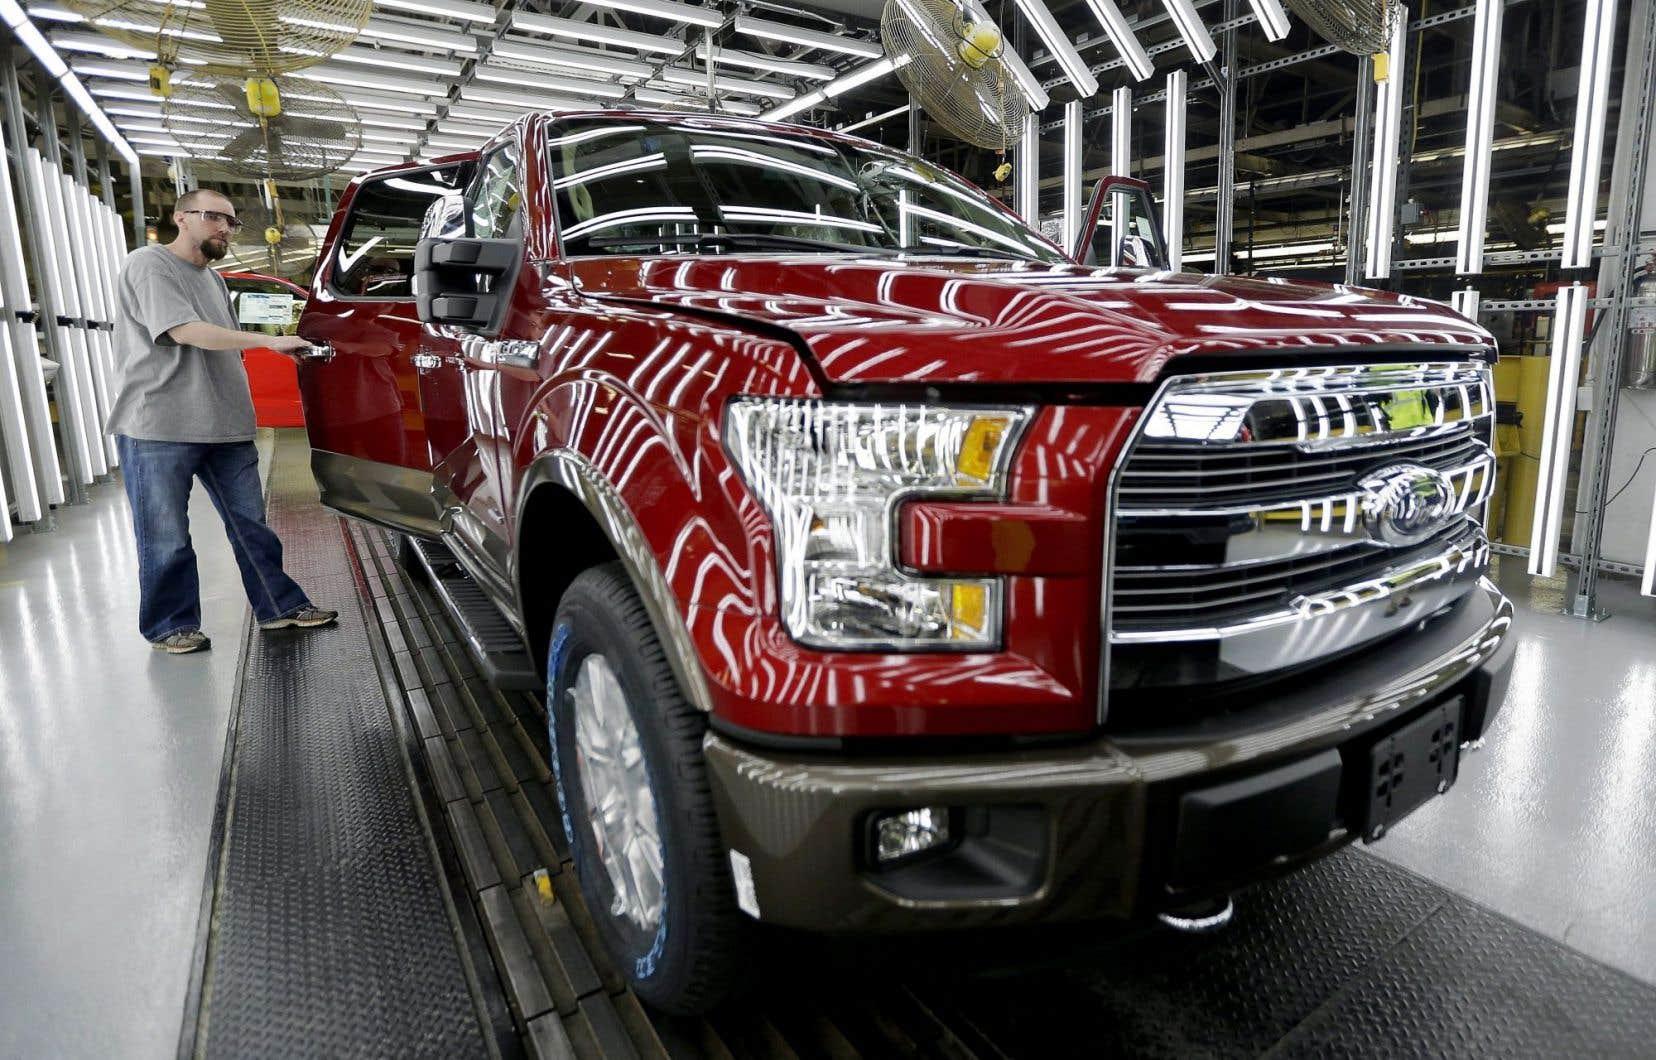 Les constructeurs sont aux prises avec un plafonnement des ventes de voitures aux États-Unis.